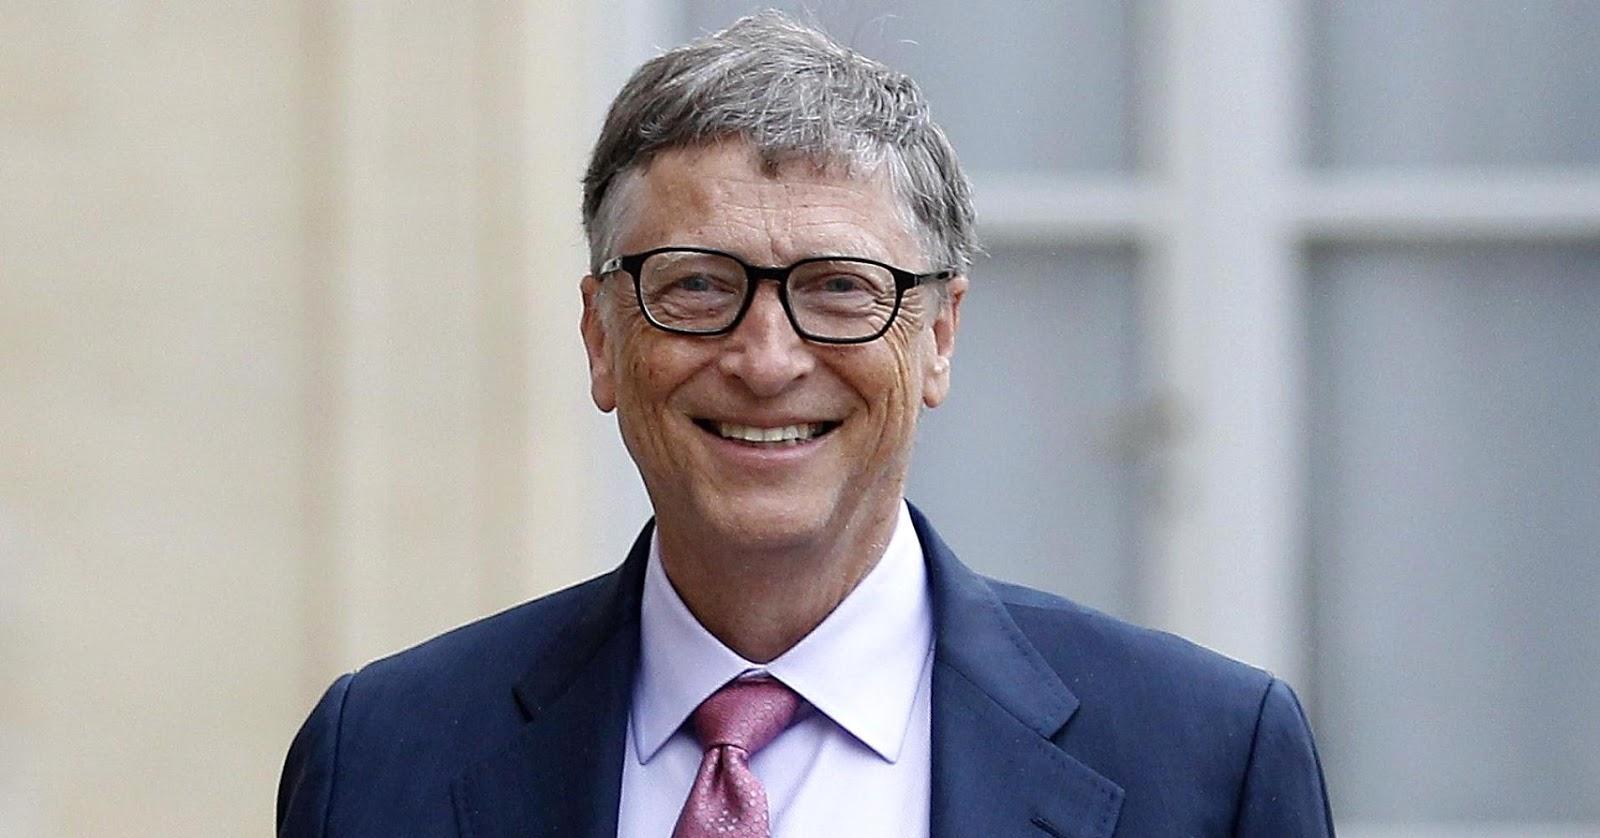 Inilah Cara Liburan Bill Gates Yang Menyehatkan